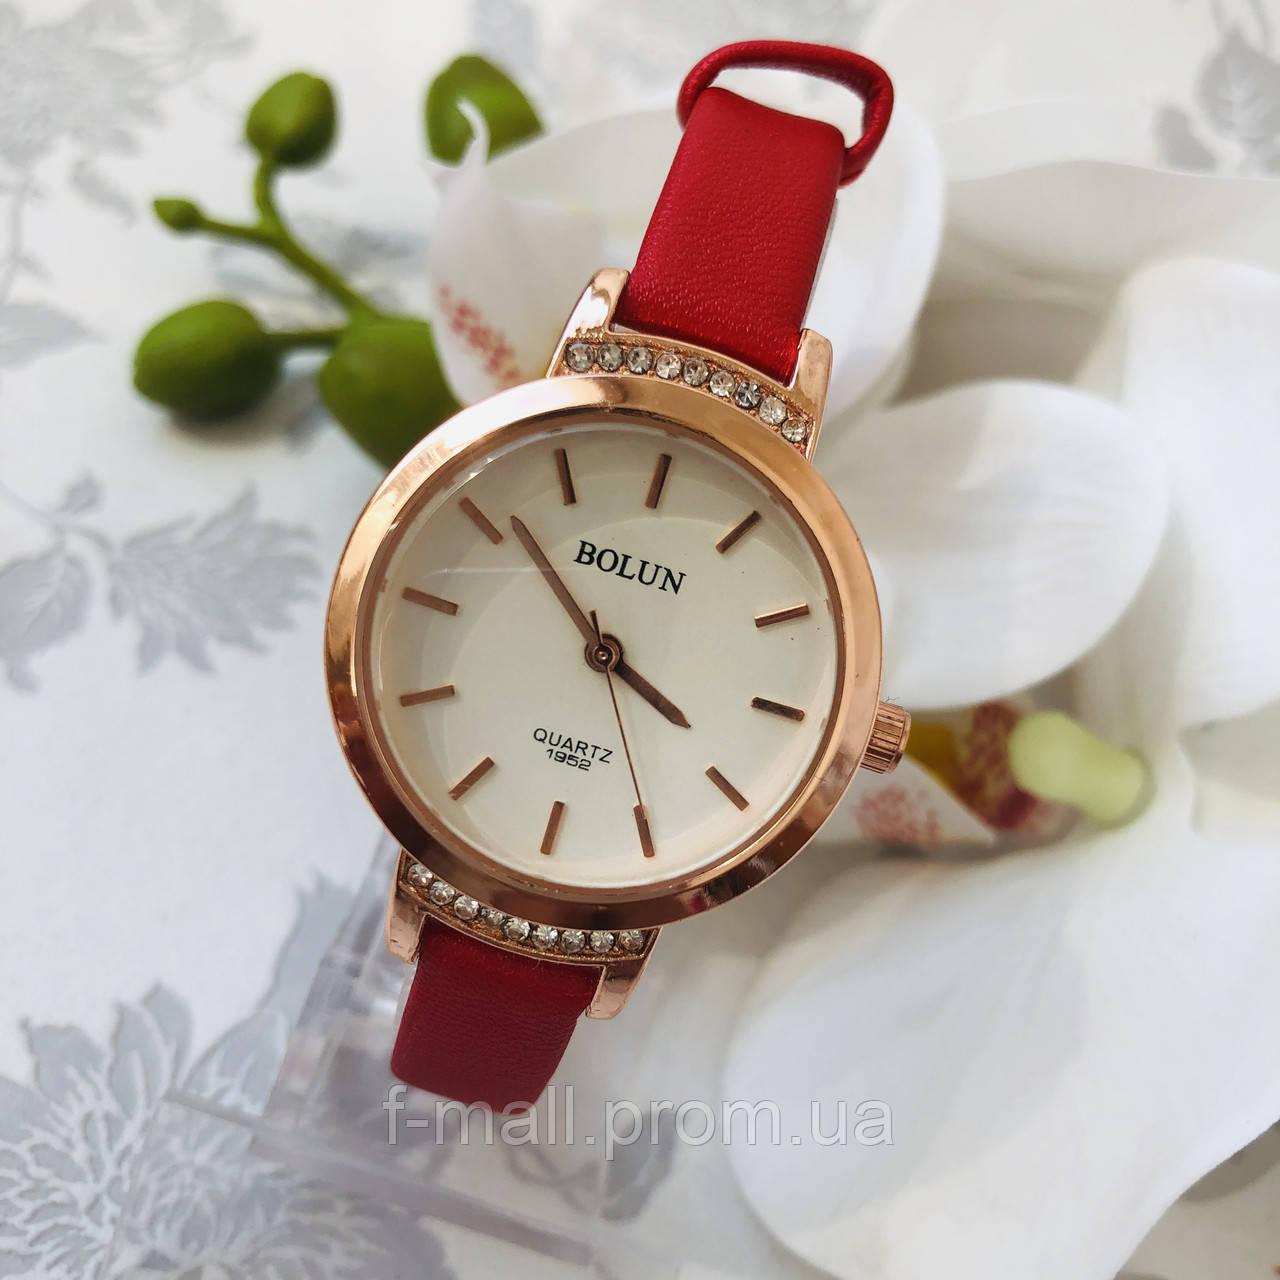 Женские наручные часы Bolun кварцевые (BN20)